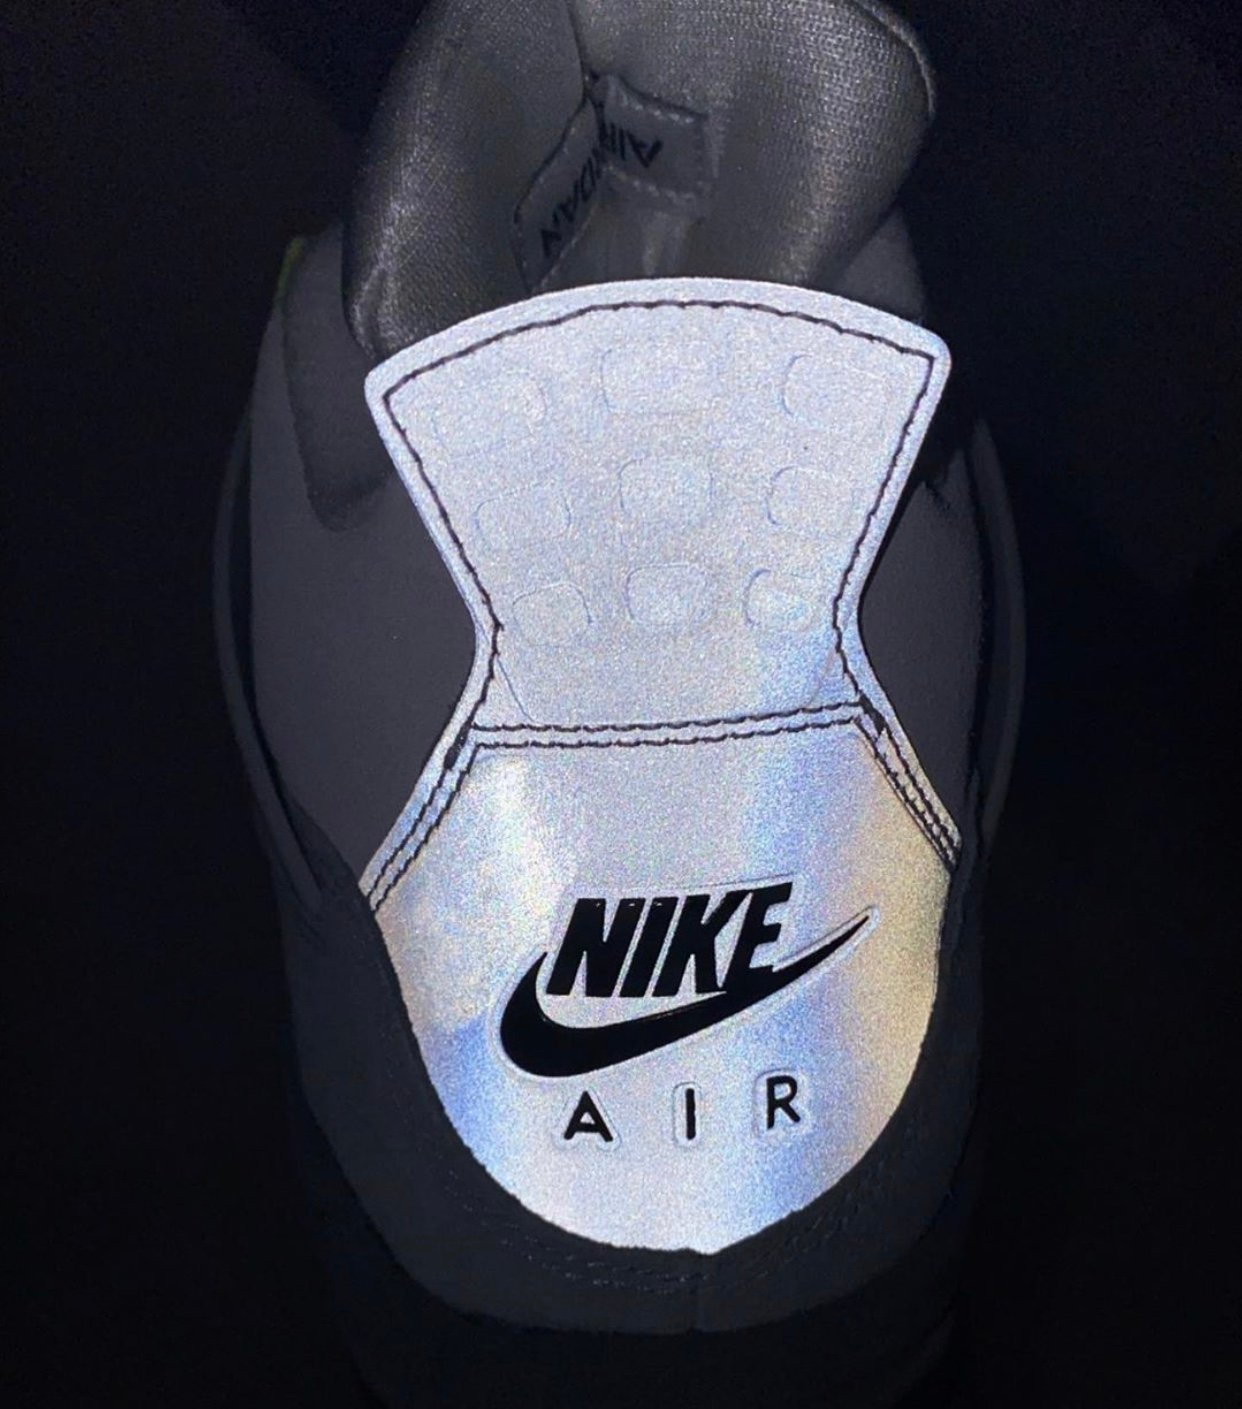 Air Jordan 4 Neon Air Max 95 CT5342-007